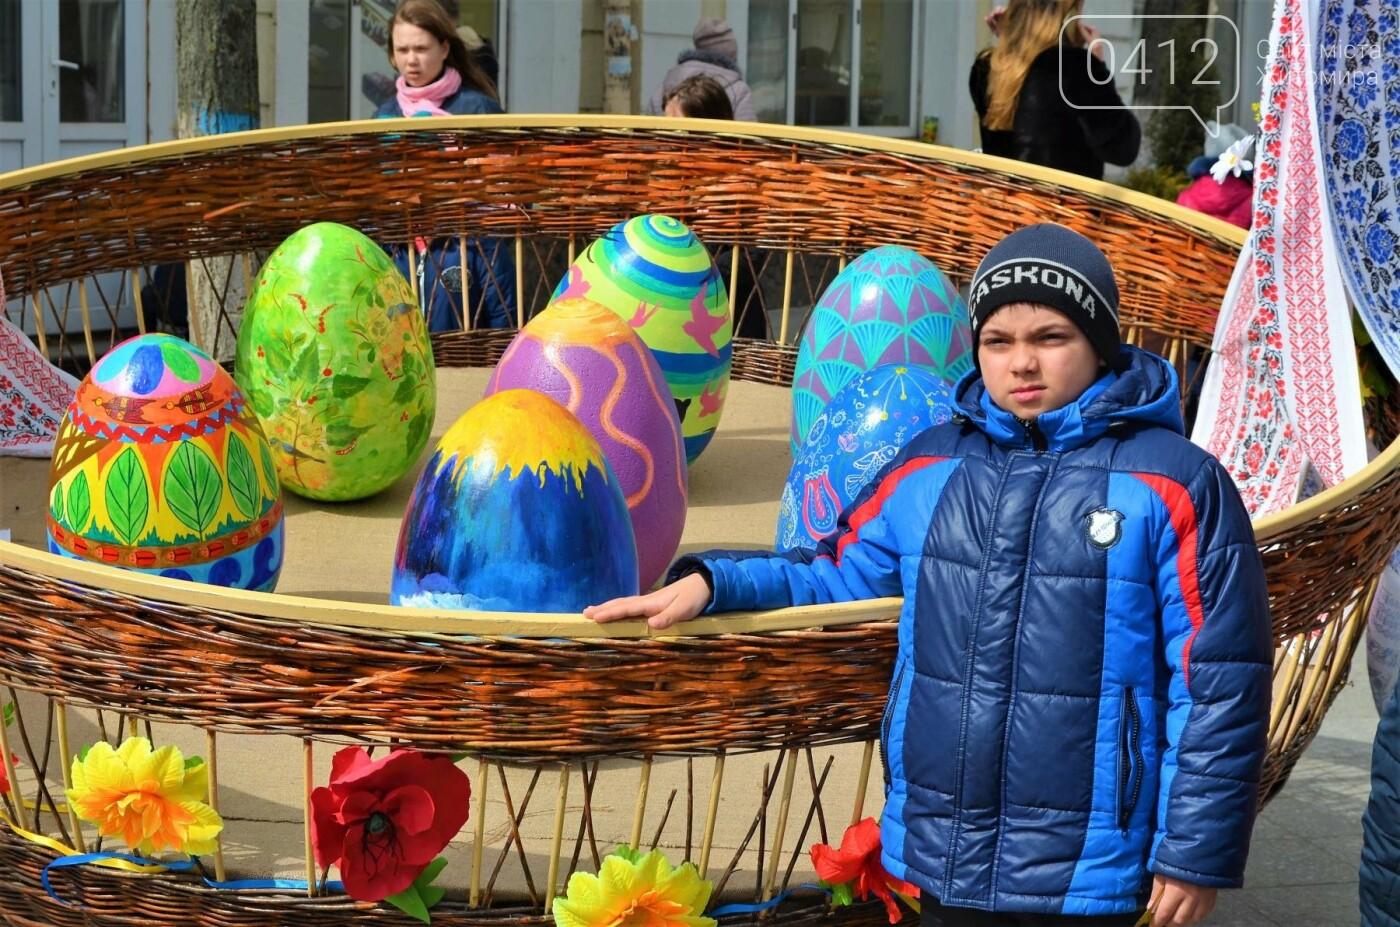 Ярмарок, фотолокації та розваги: у Житомирі розпочалися Великодні святкування, фото-12